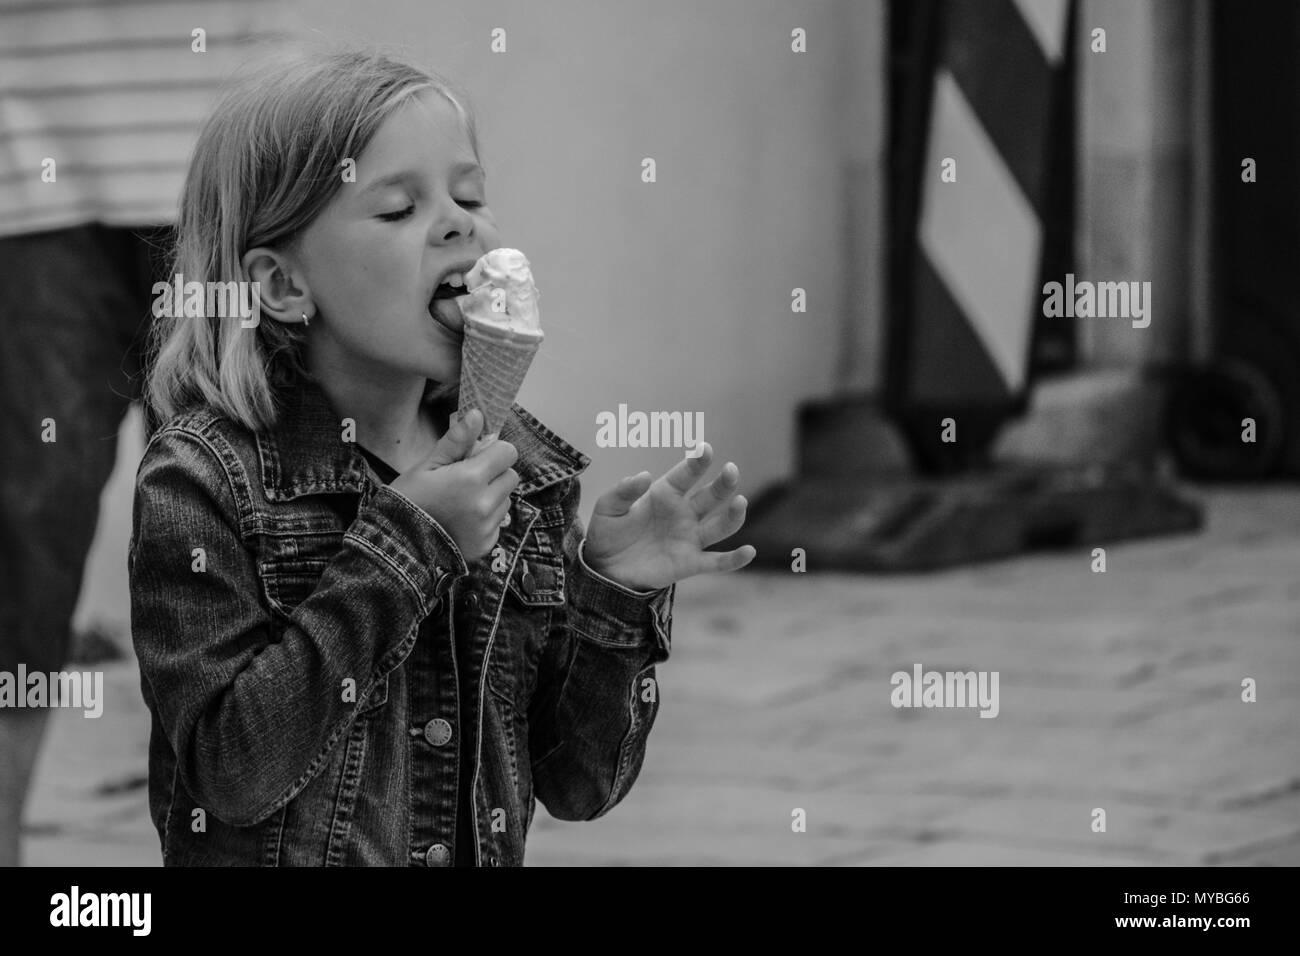 Icecream eating child. - Stock Image